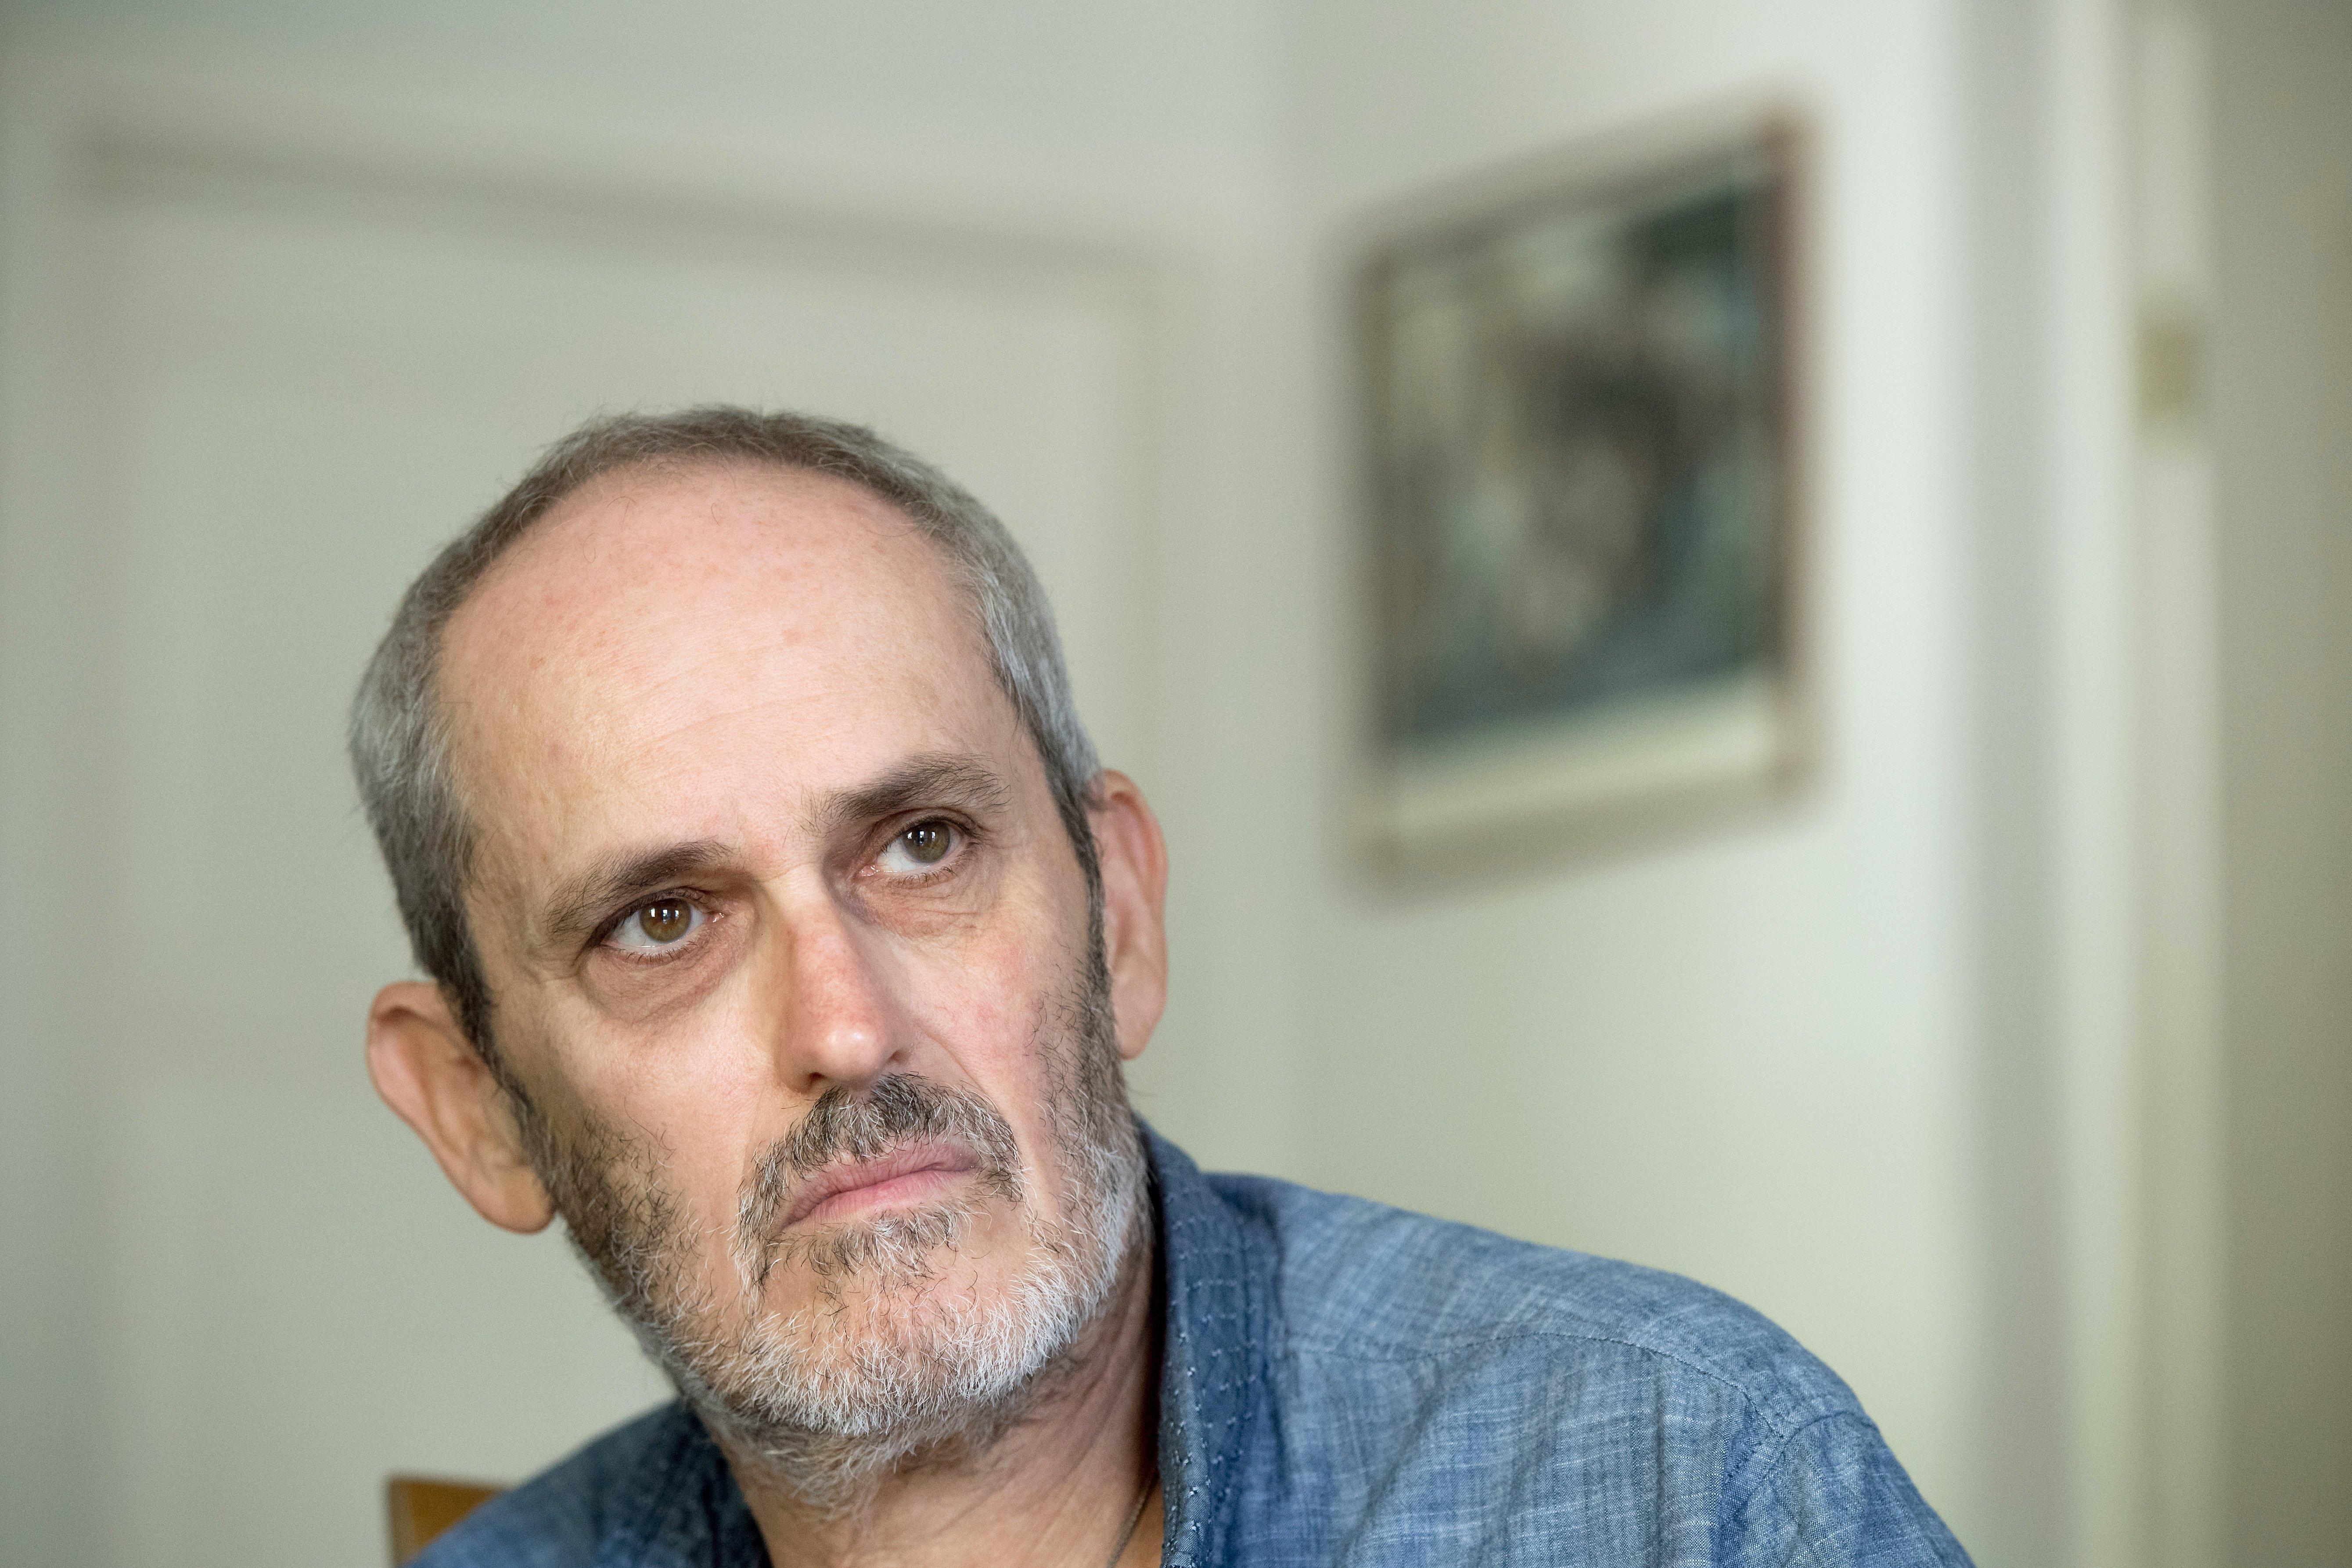 Szász János visszakapta az összes számítógépét és telefonját vitatott dokumentumfilmjének nyersanyagáért cserébe